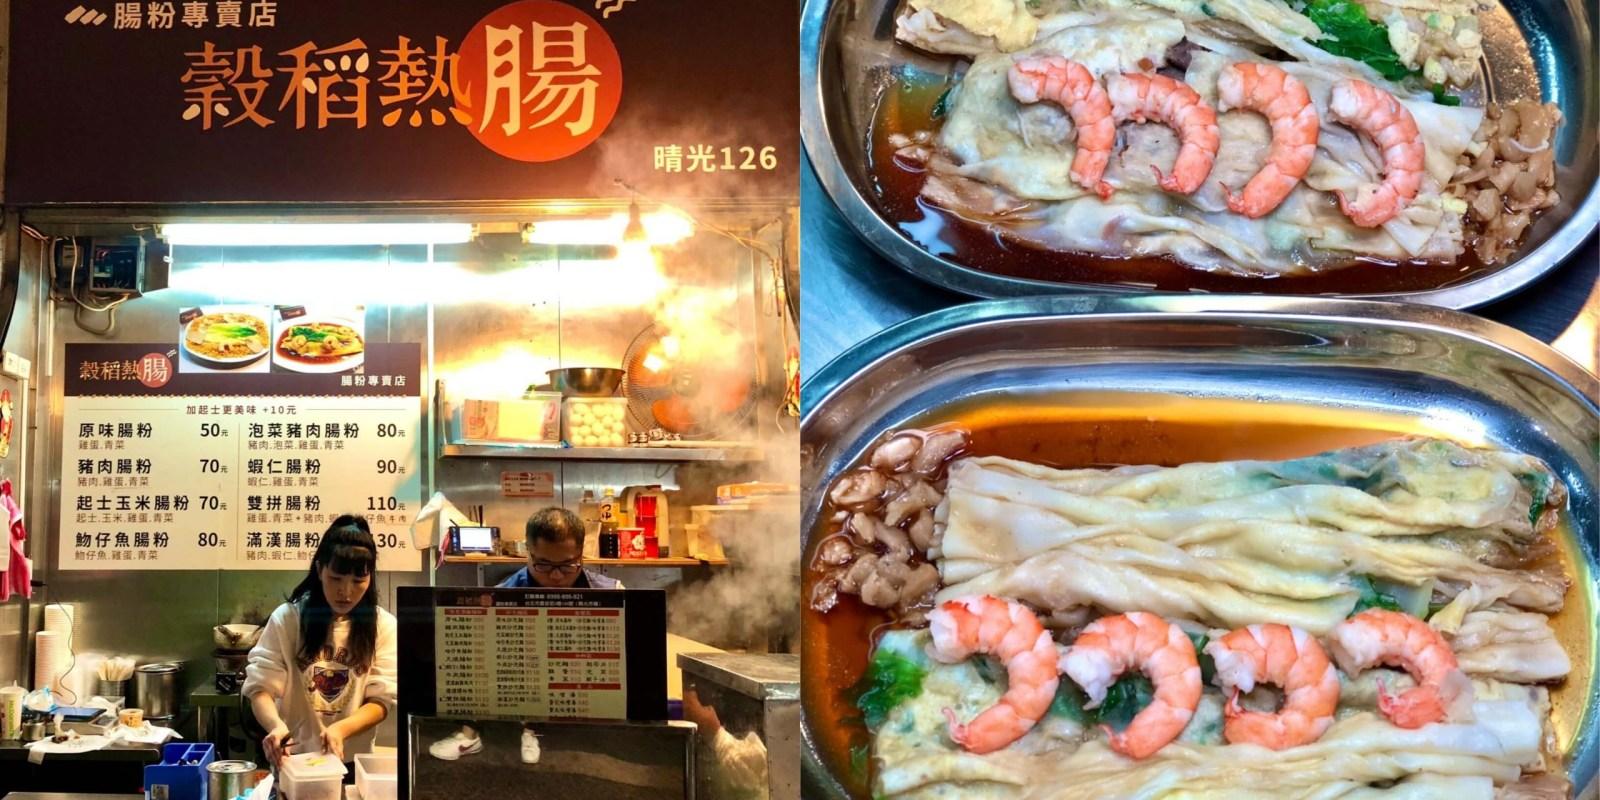 【台北美食】穀稻熱腸 隱藏在晴光市場內的廣式腸粉,從基本口味到滿漢一次擁有!